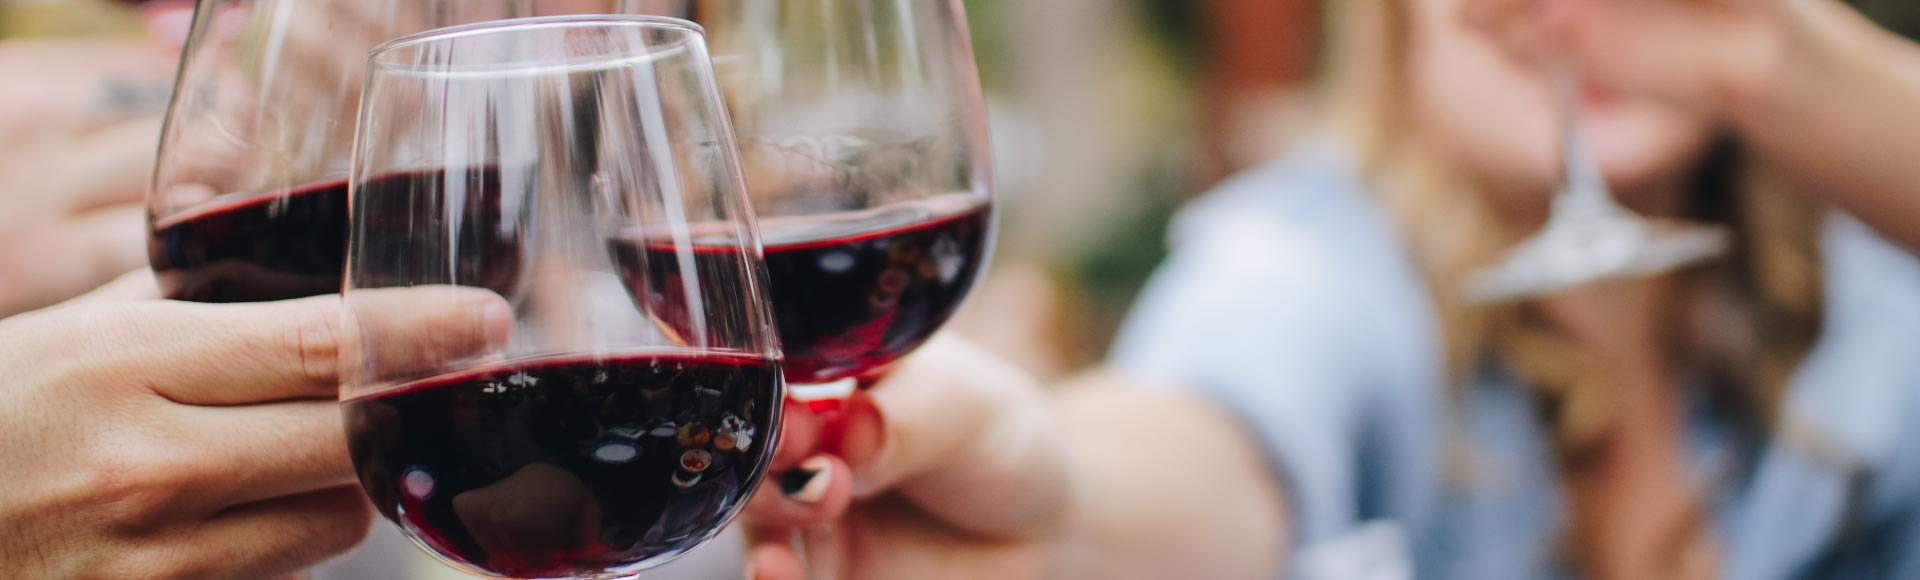 Sie stellen eine vereinzelte Verunreinigung Ihres Wein fest?